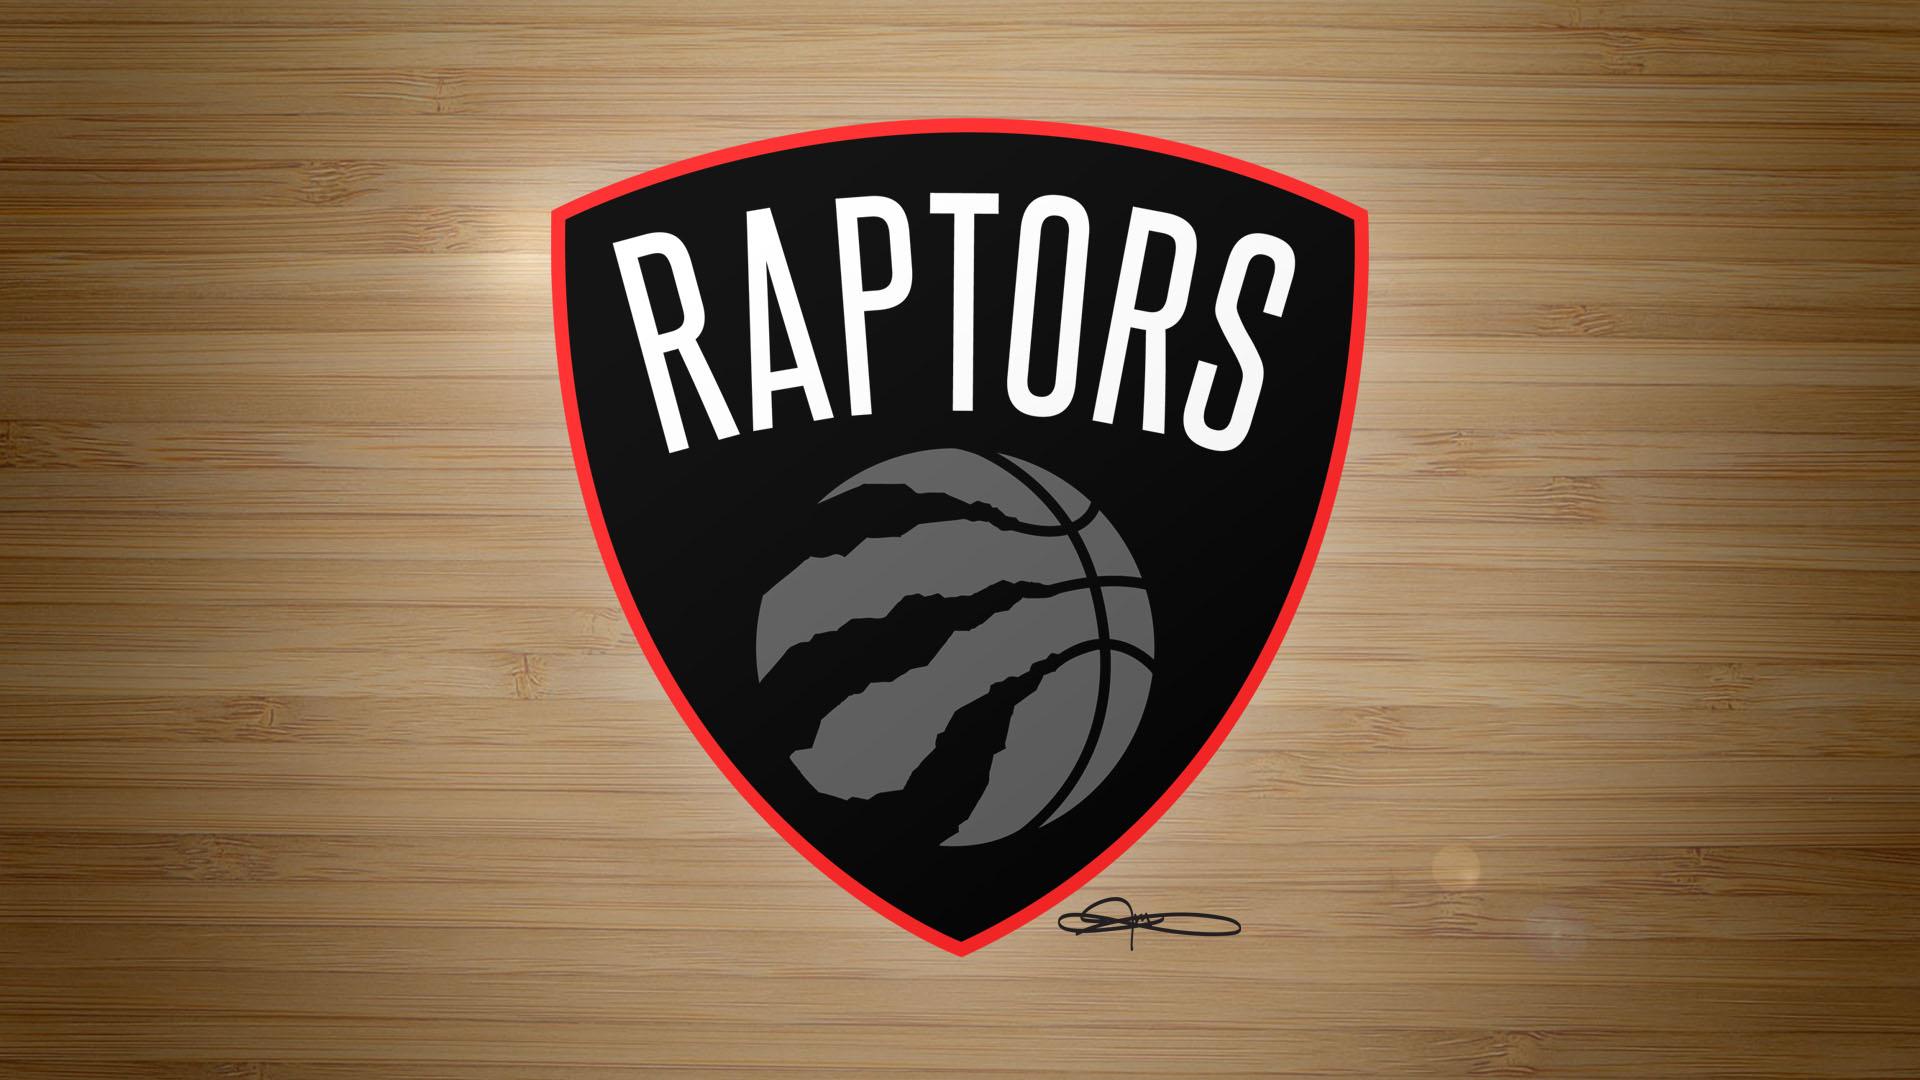 Raptors X Nets